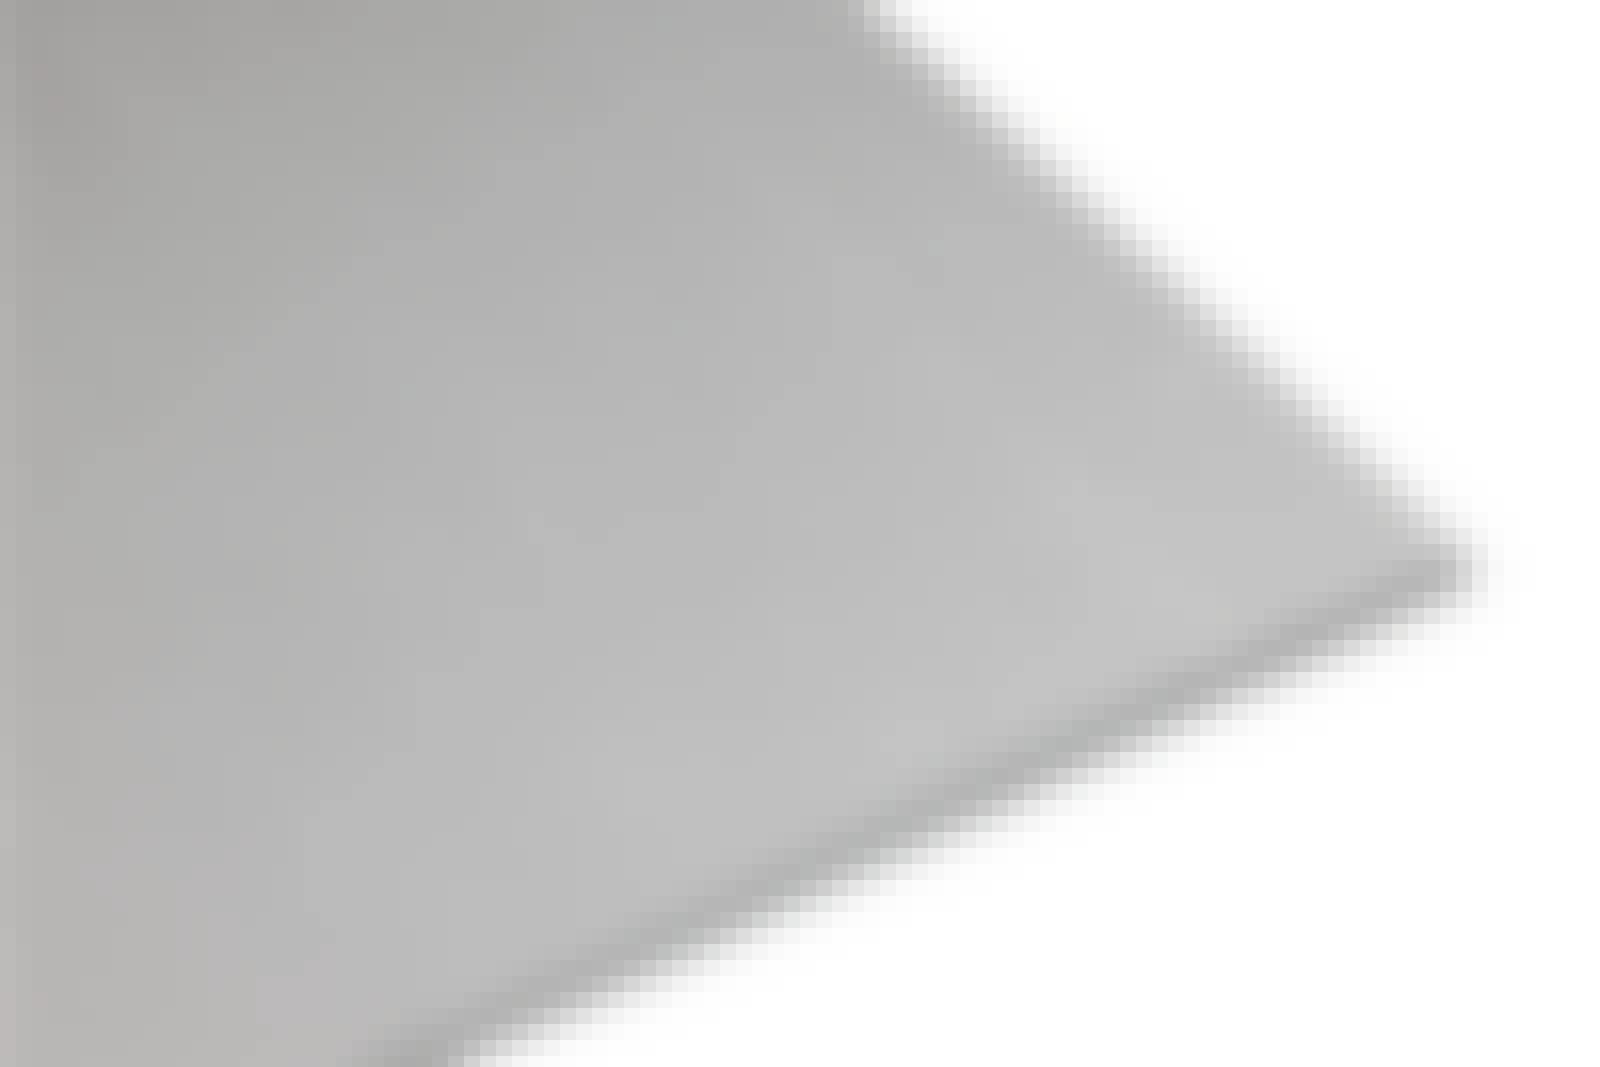 Fibergips: Den extra hårda och skruvfasta gipsskivan